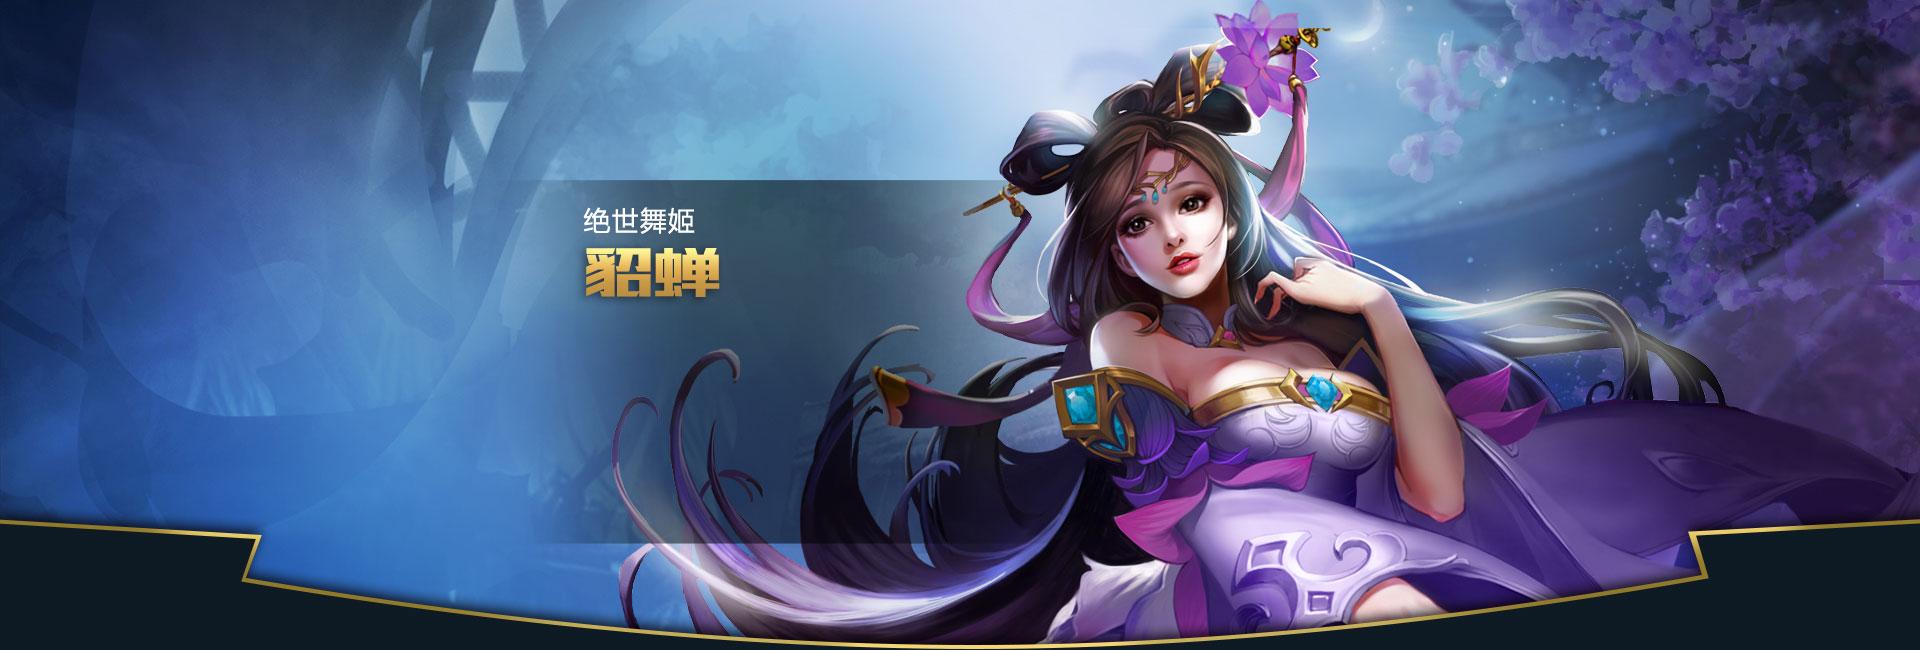 第2弹《王者荣耀英雄皮肤CG》竞技游戏49